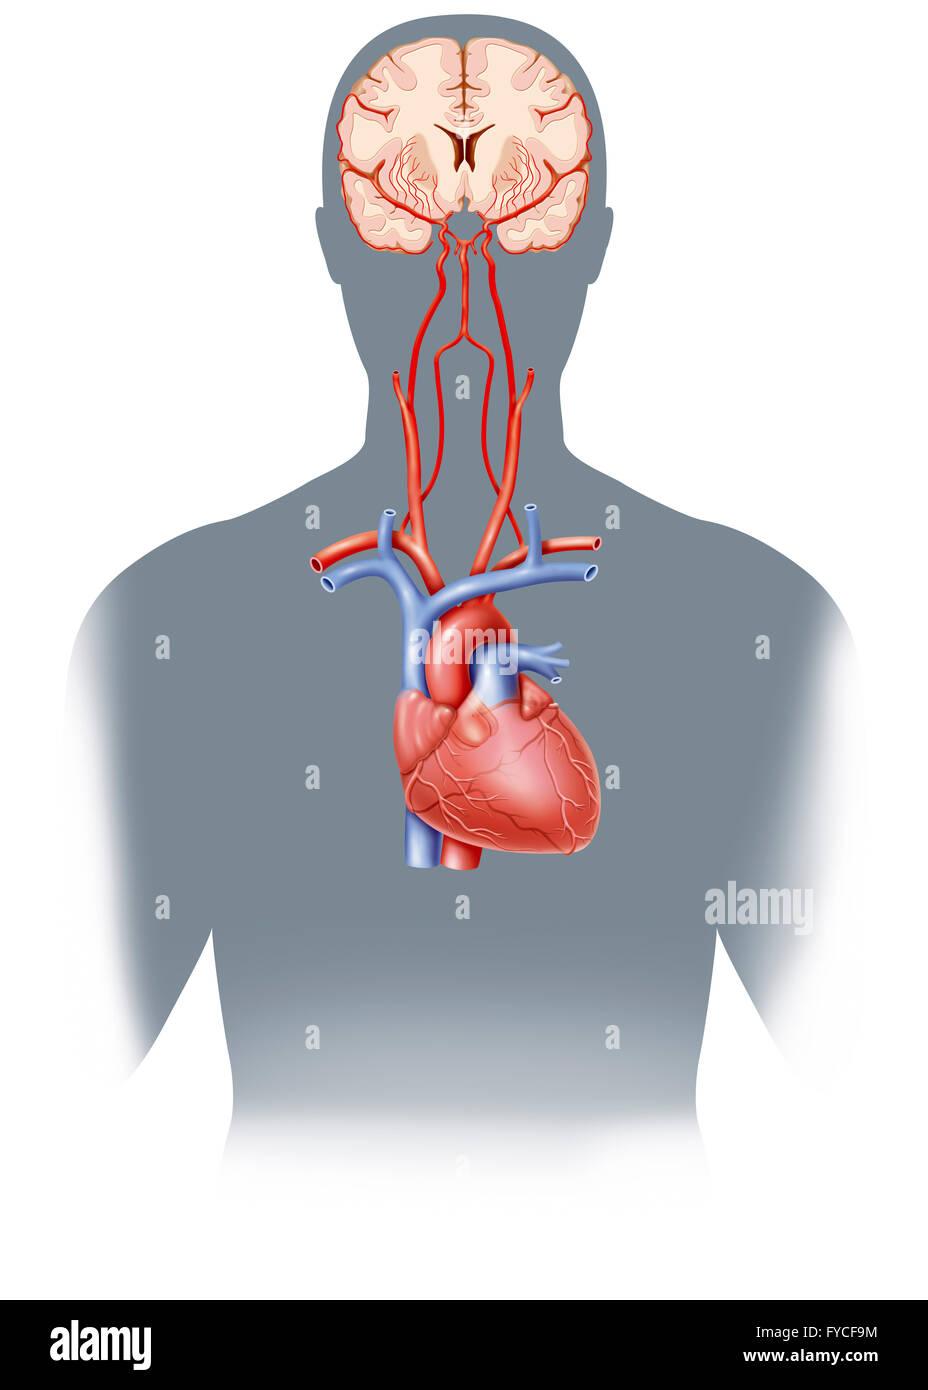 Basilar Artery Stock Photos & Basilar Artery Stock Images - Alamy